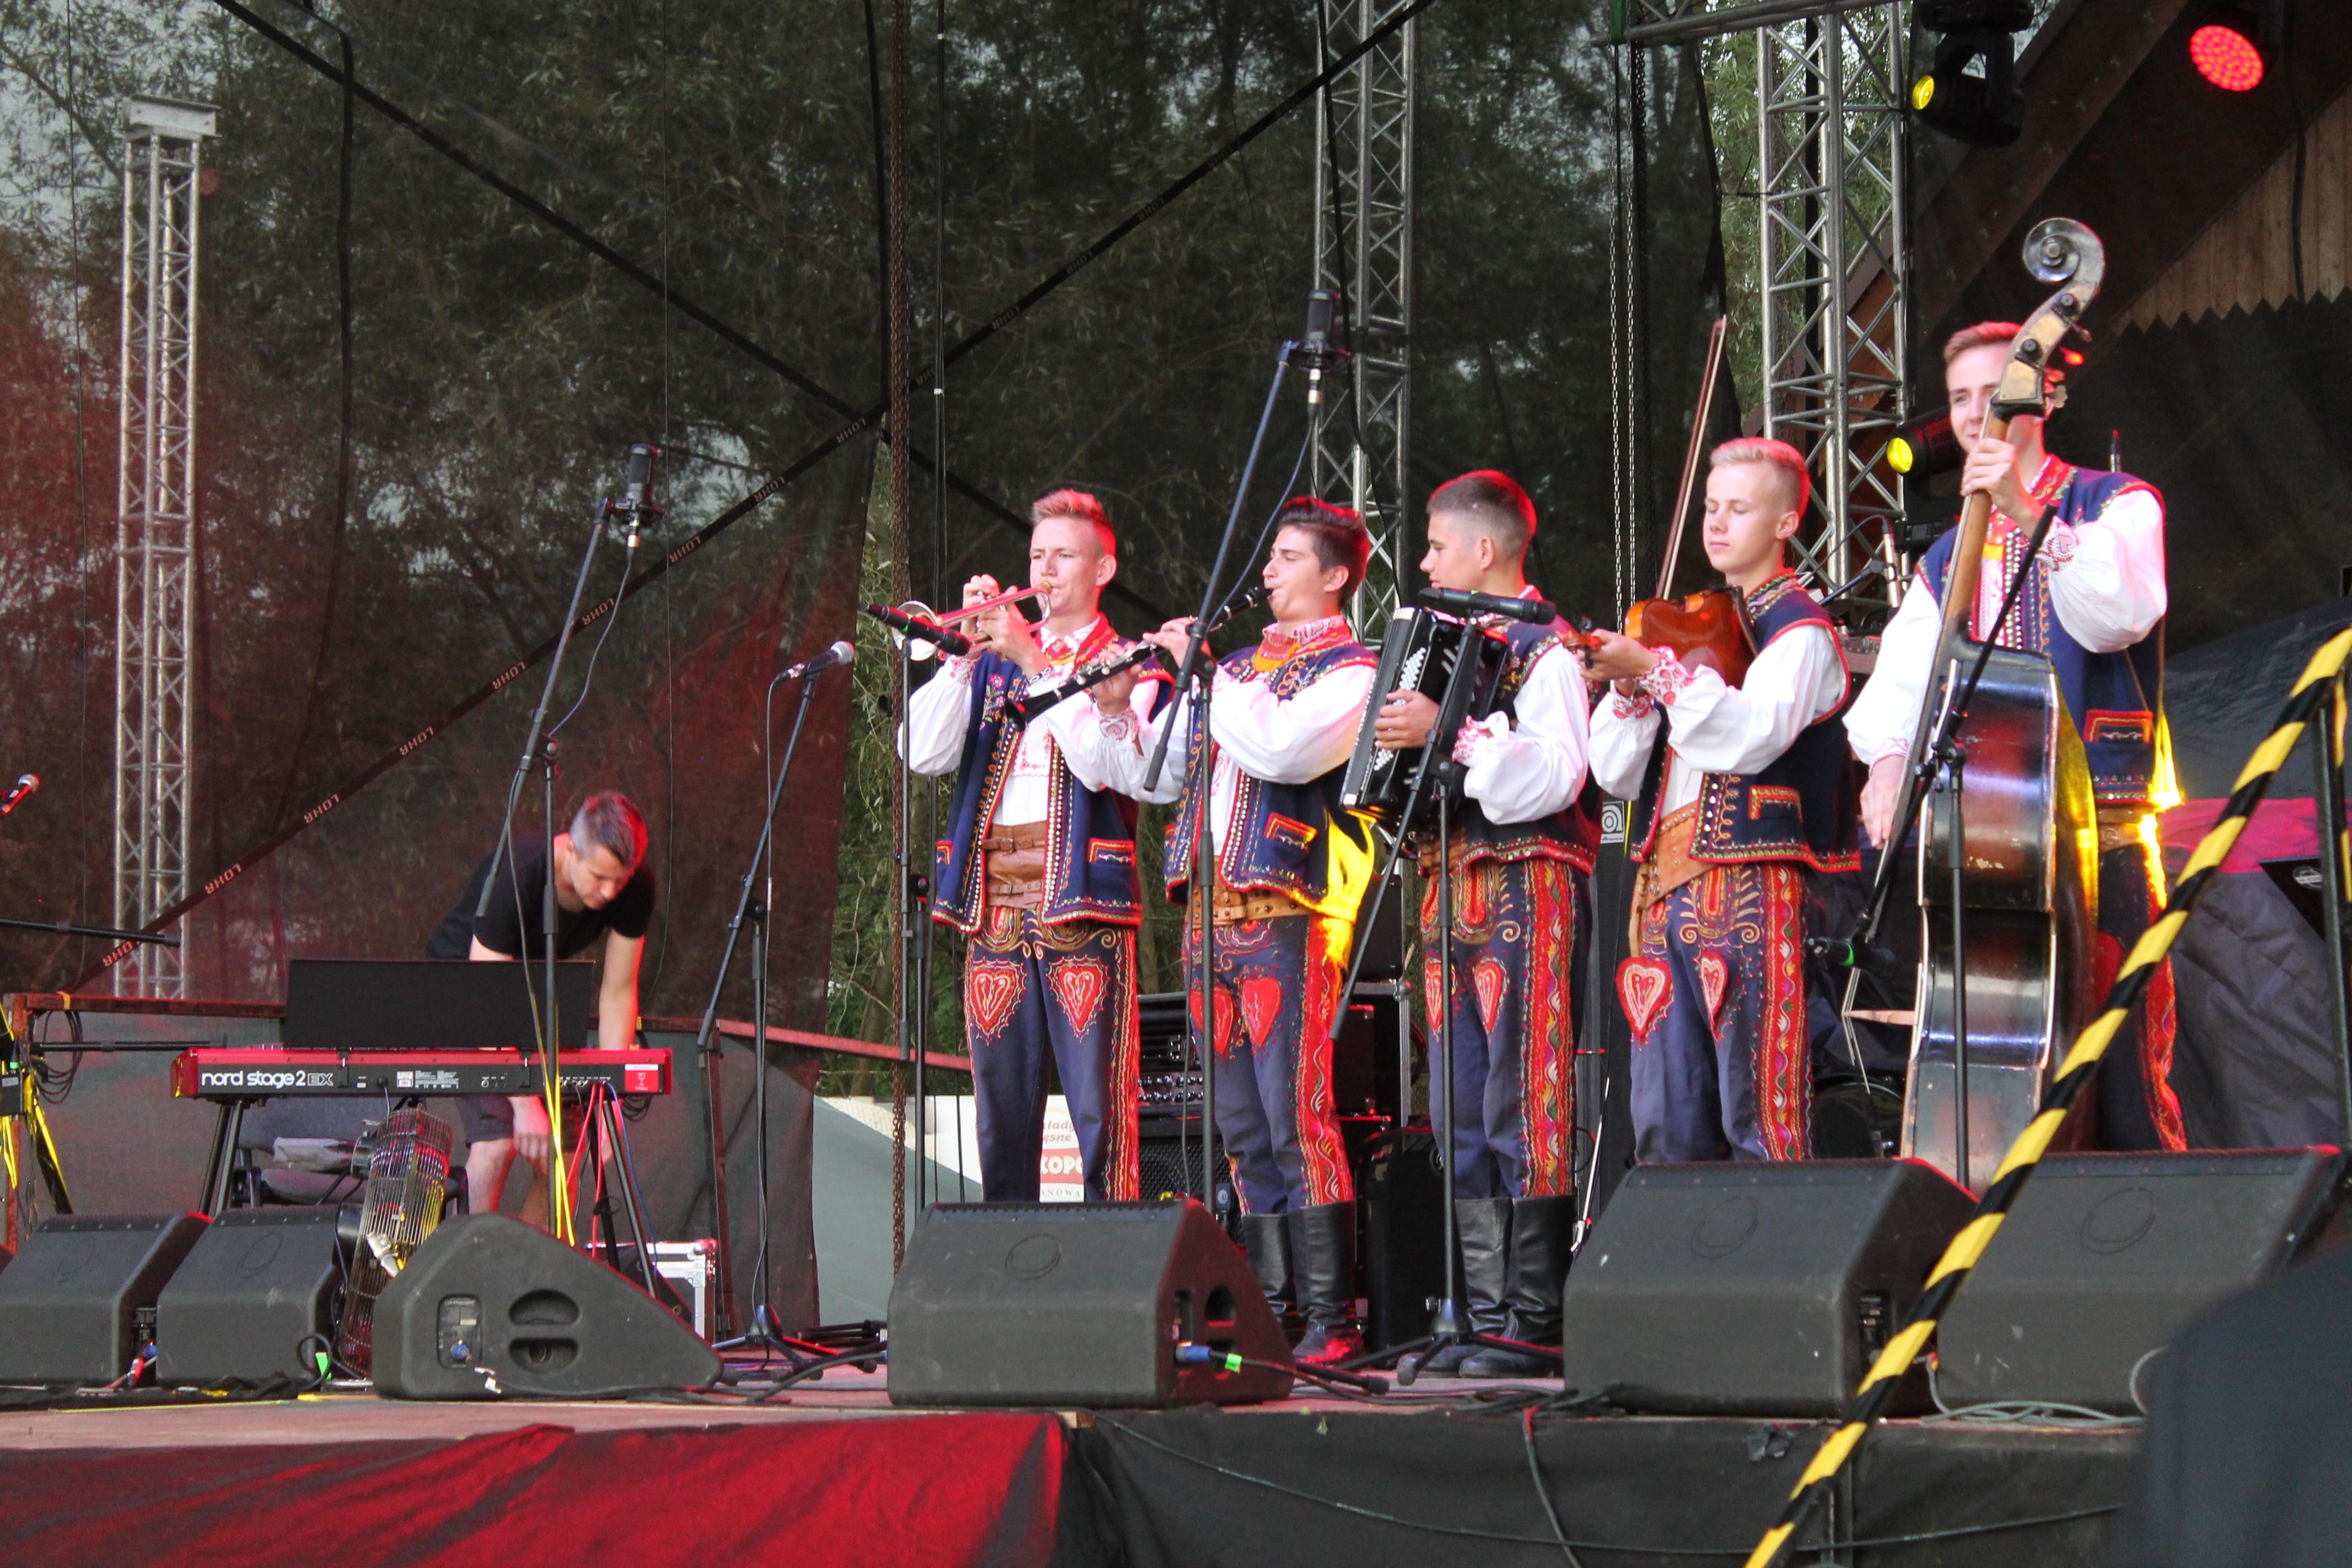 regionalny występ na scenie podczas X Festiwalu Śliwki, Miodu i Sera w Laskowej